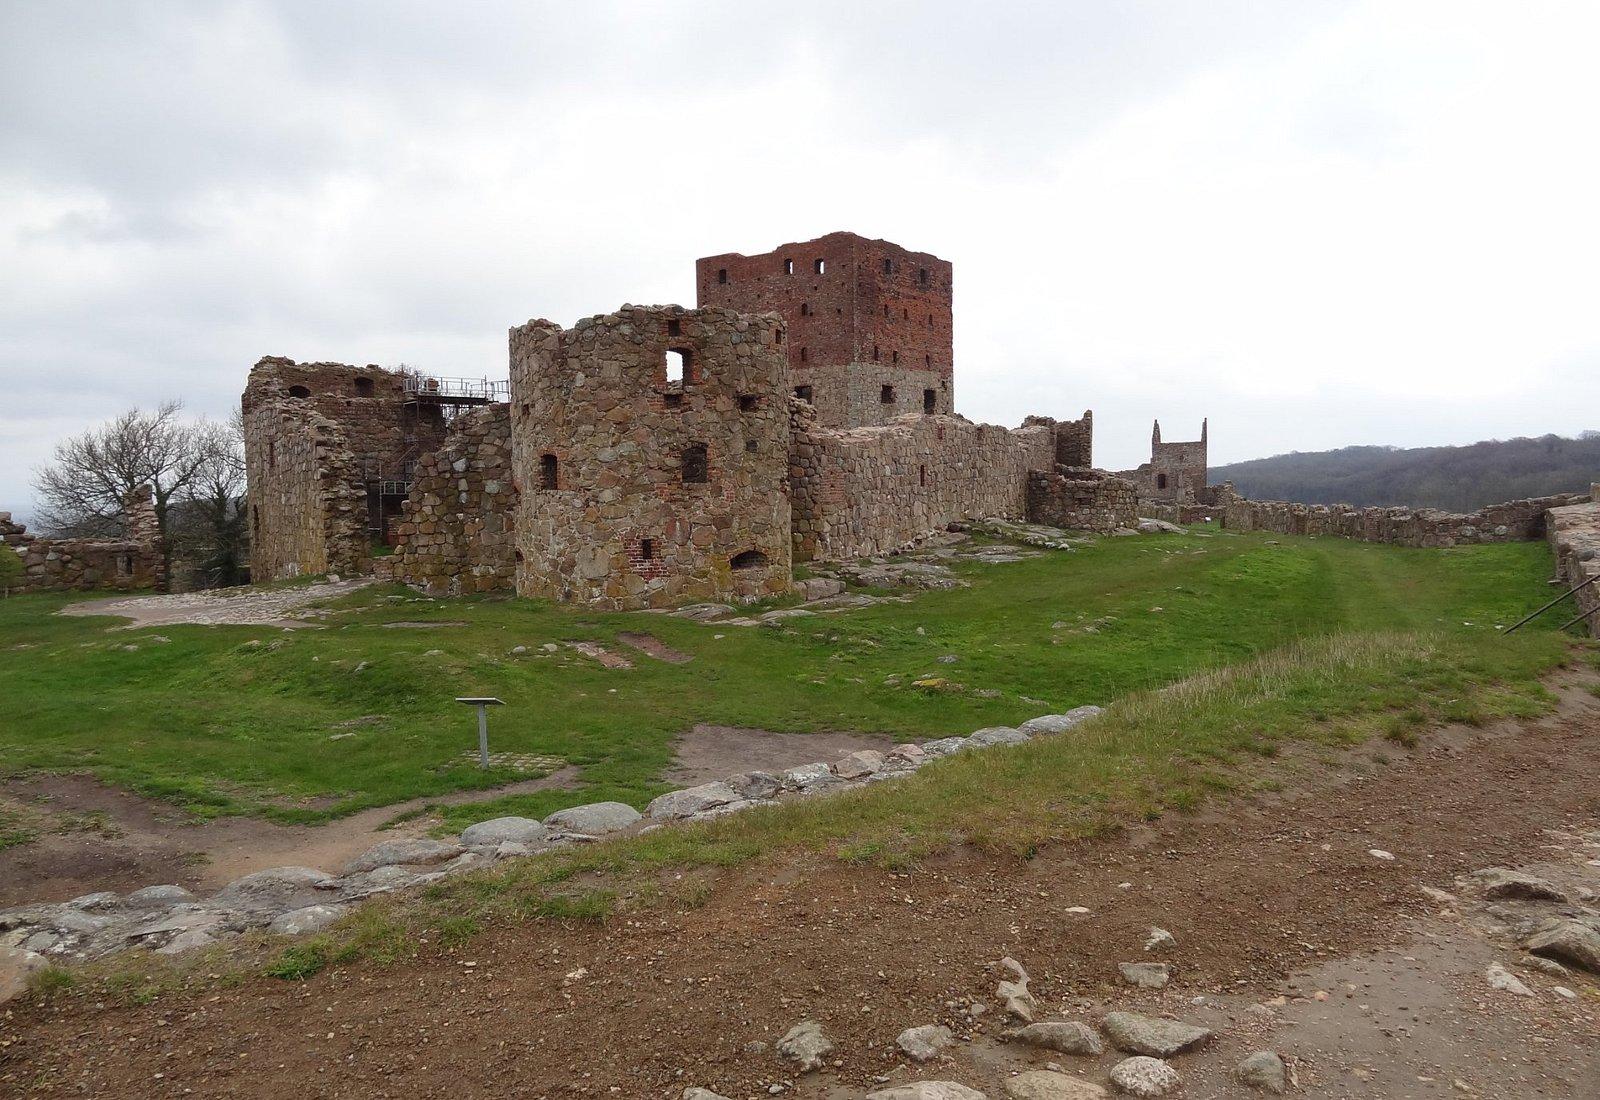 Hammershus som er Nordeuropas største borgruin ligger på en stor klippeknold små 80 meter over h